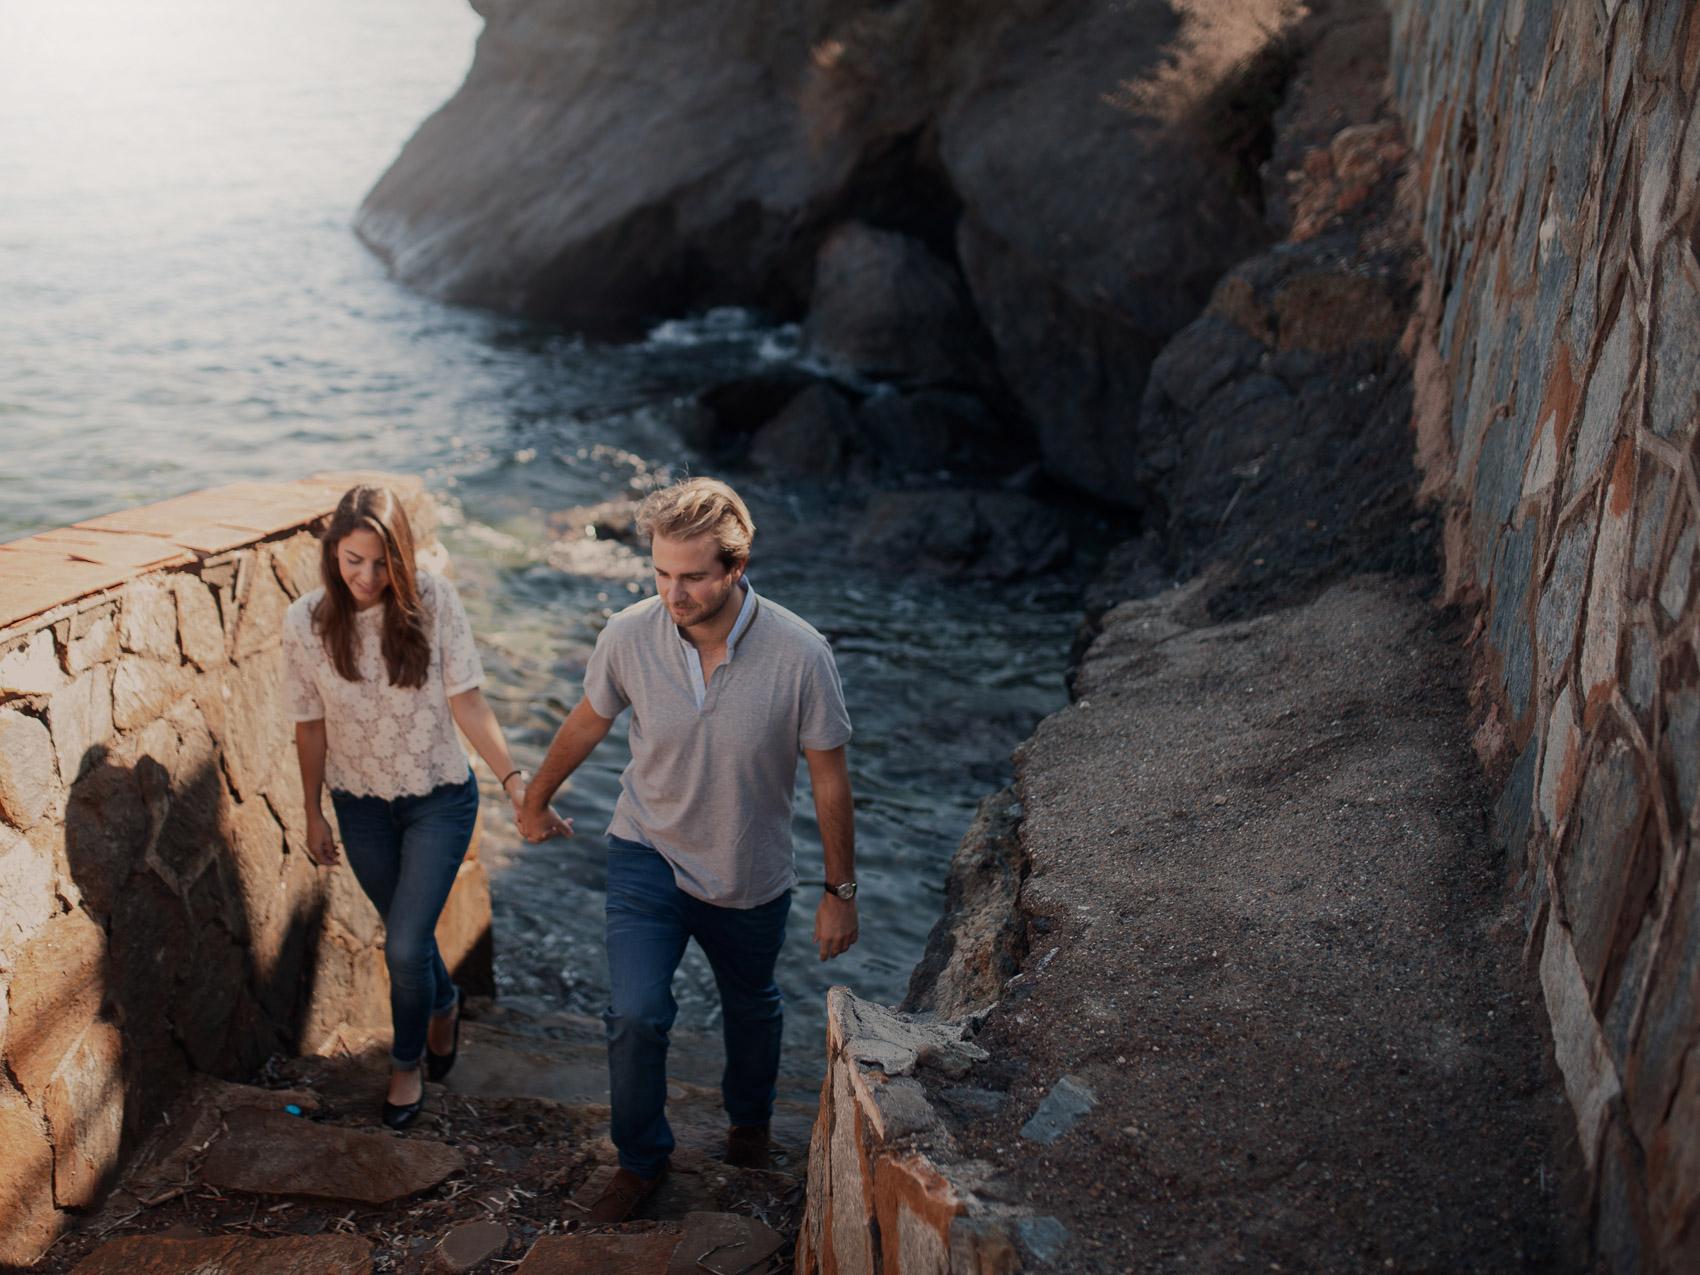 novios pareja beach casados mar rocas